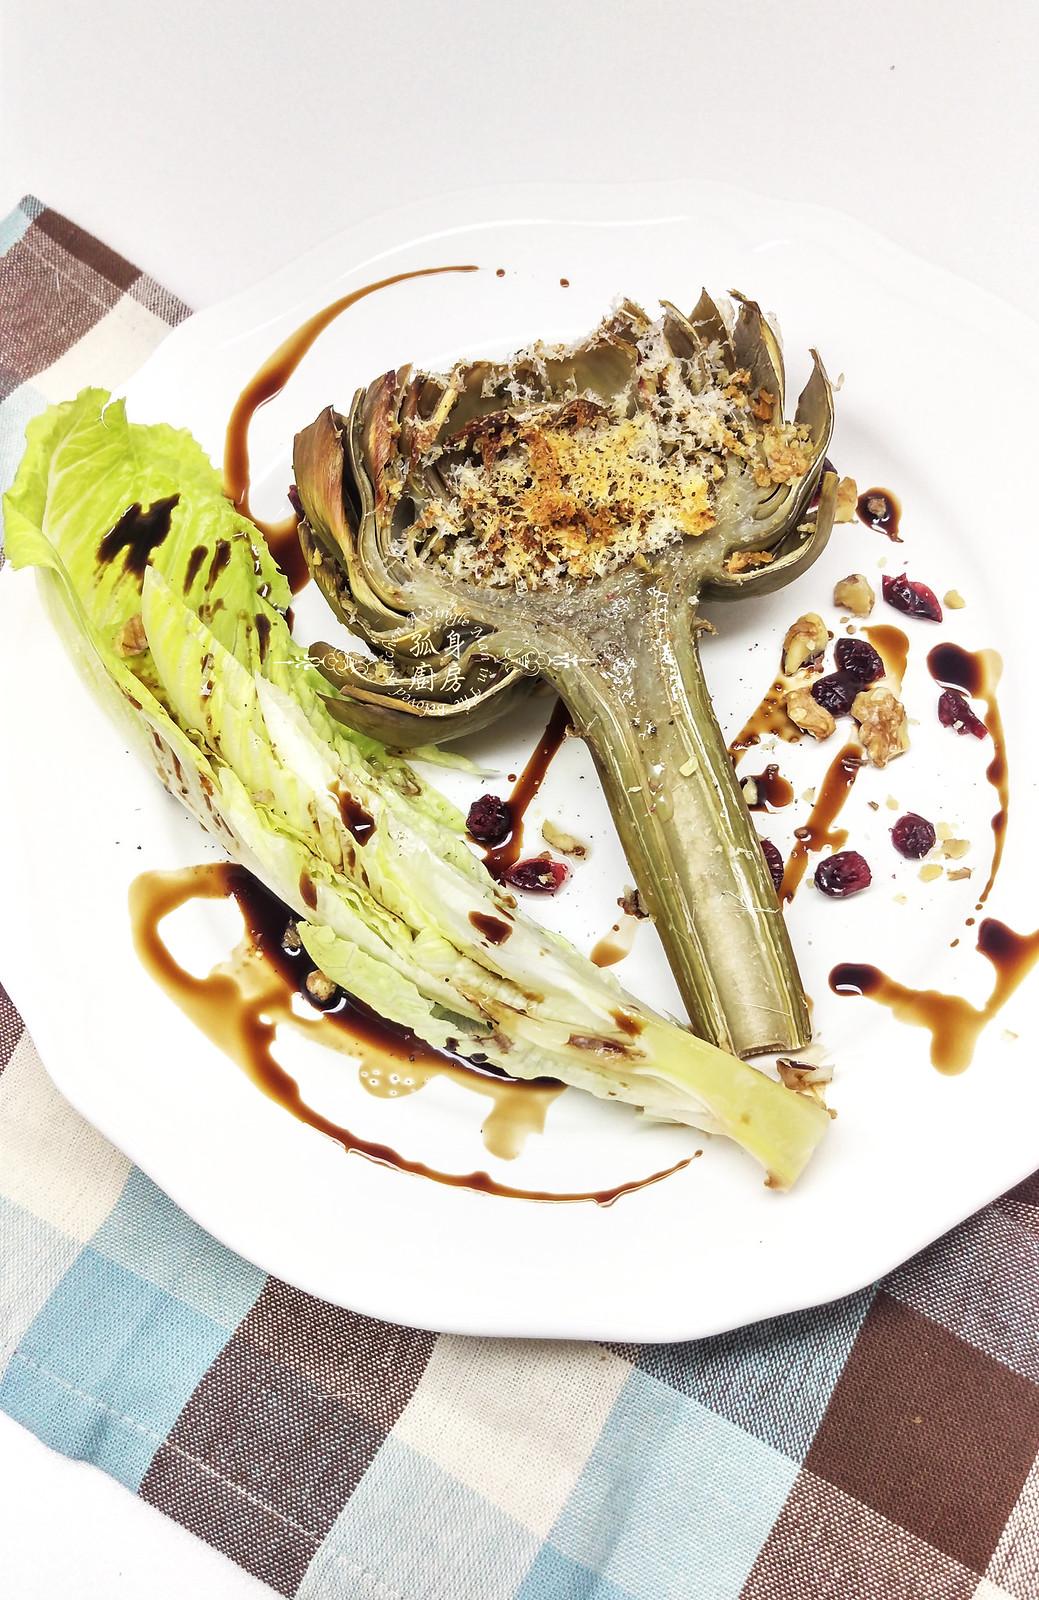 孤身廚房-青醬帕瑪森起司鑲烤朝鮮薊佐簡易油醋蘿蔓沙拉26